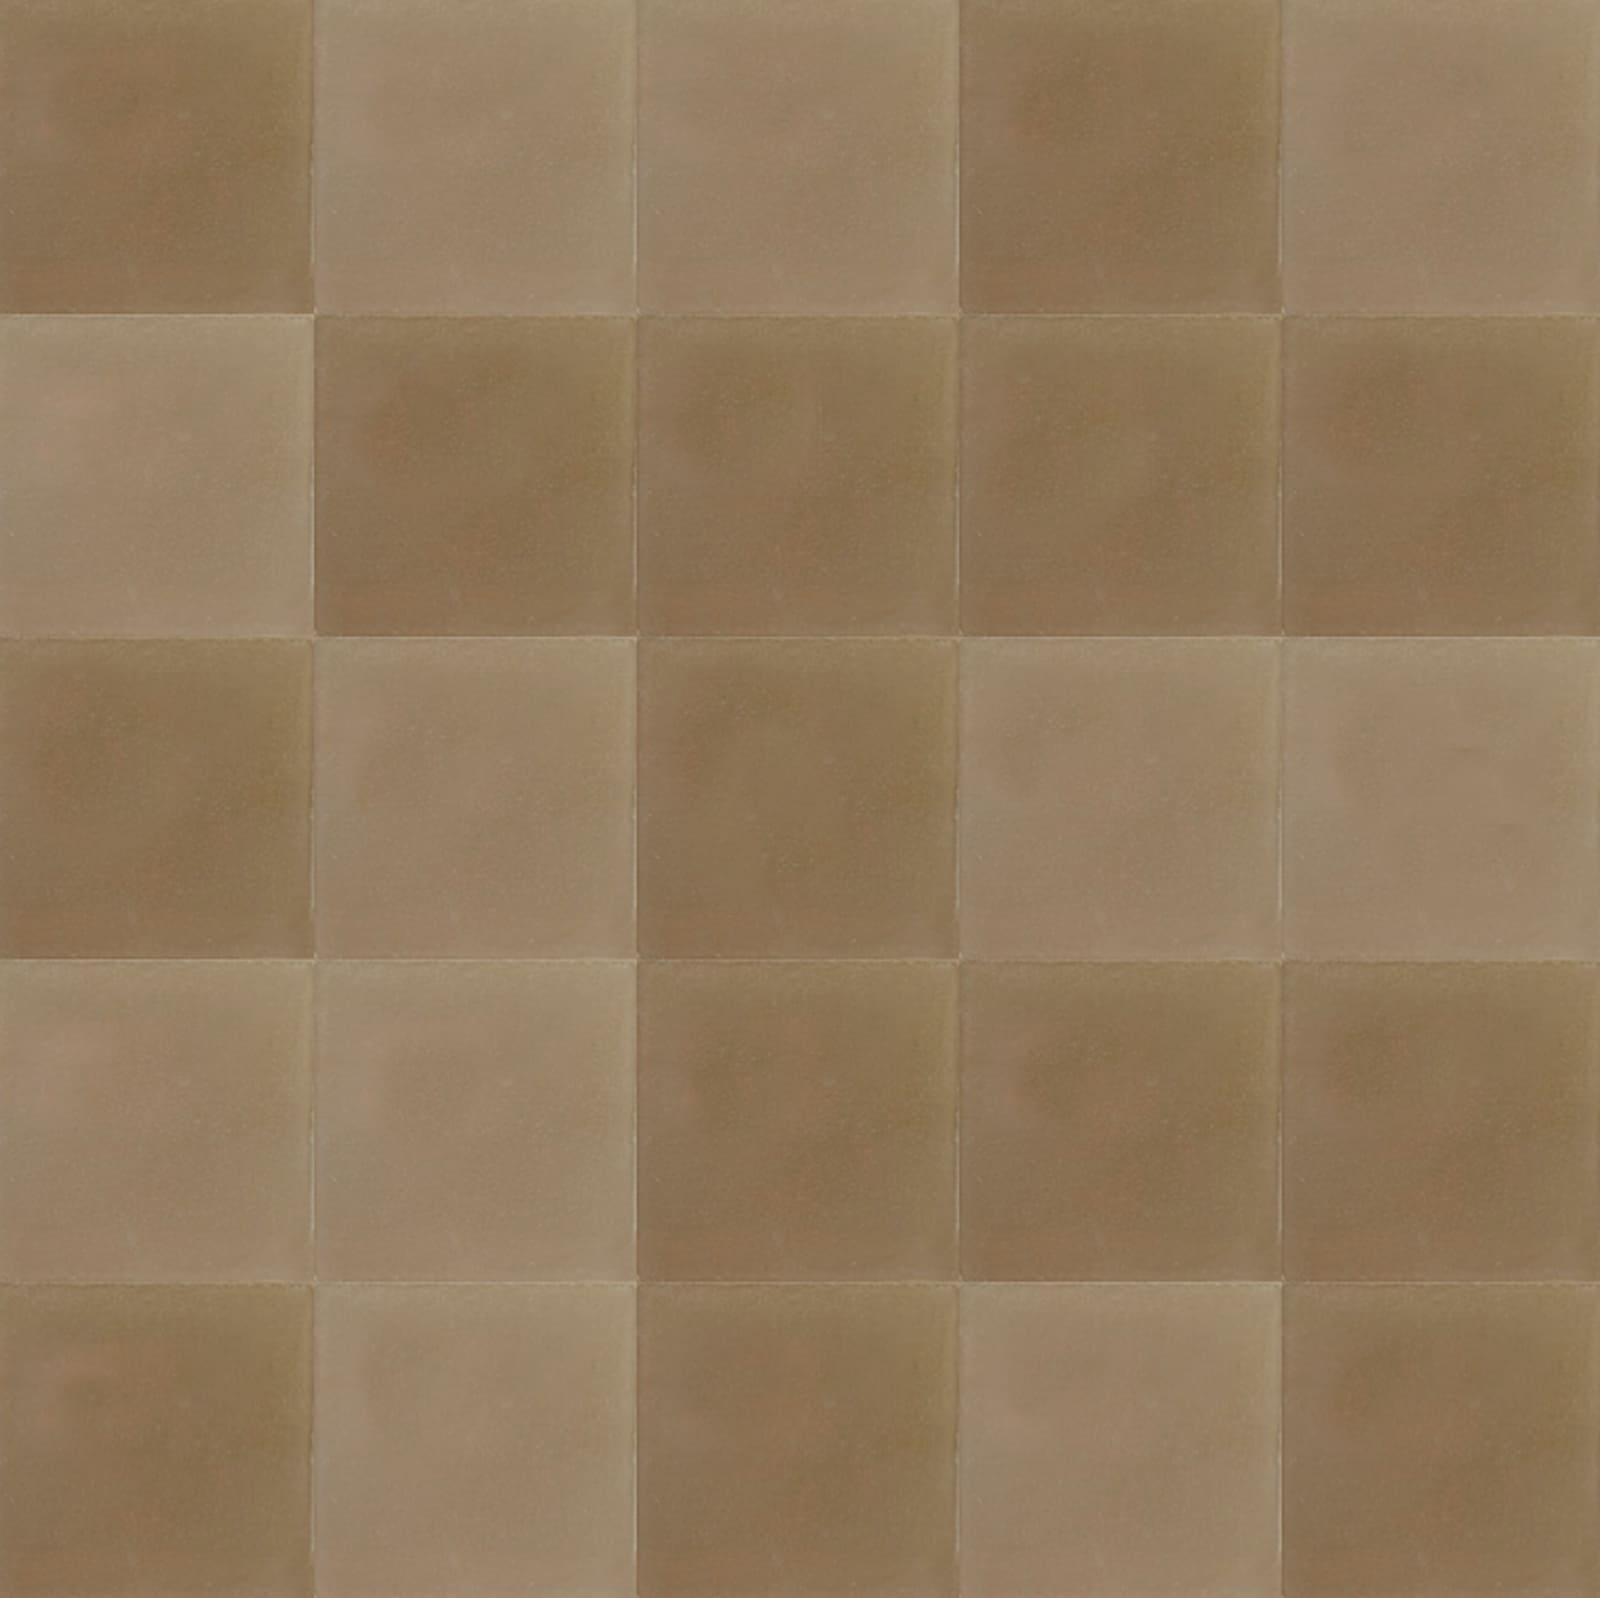 zementfliesen-terrazzofliesen-kreidefarbe-terrazzo-fugenlos-viaplatten-76-verlegemuster | 76